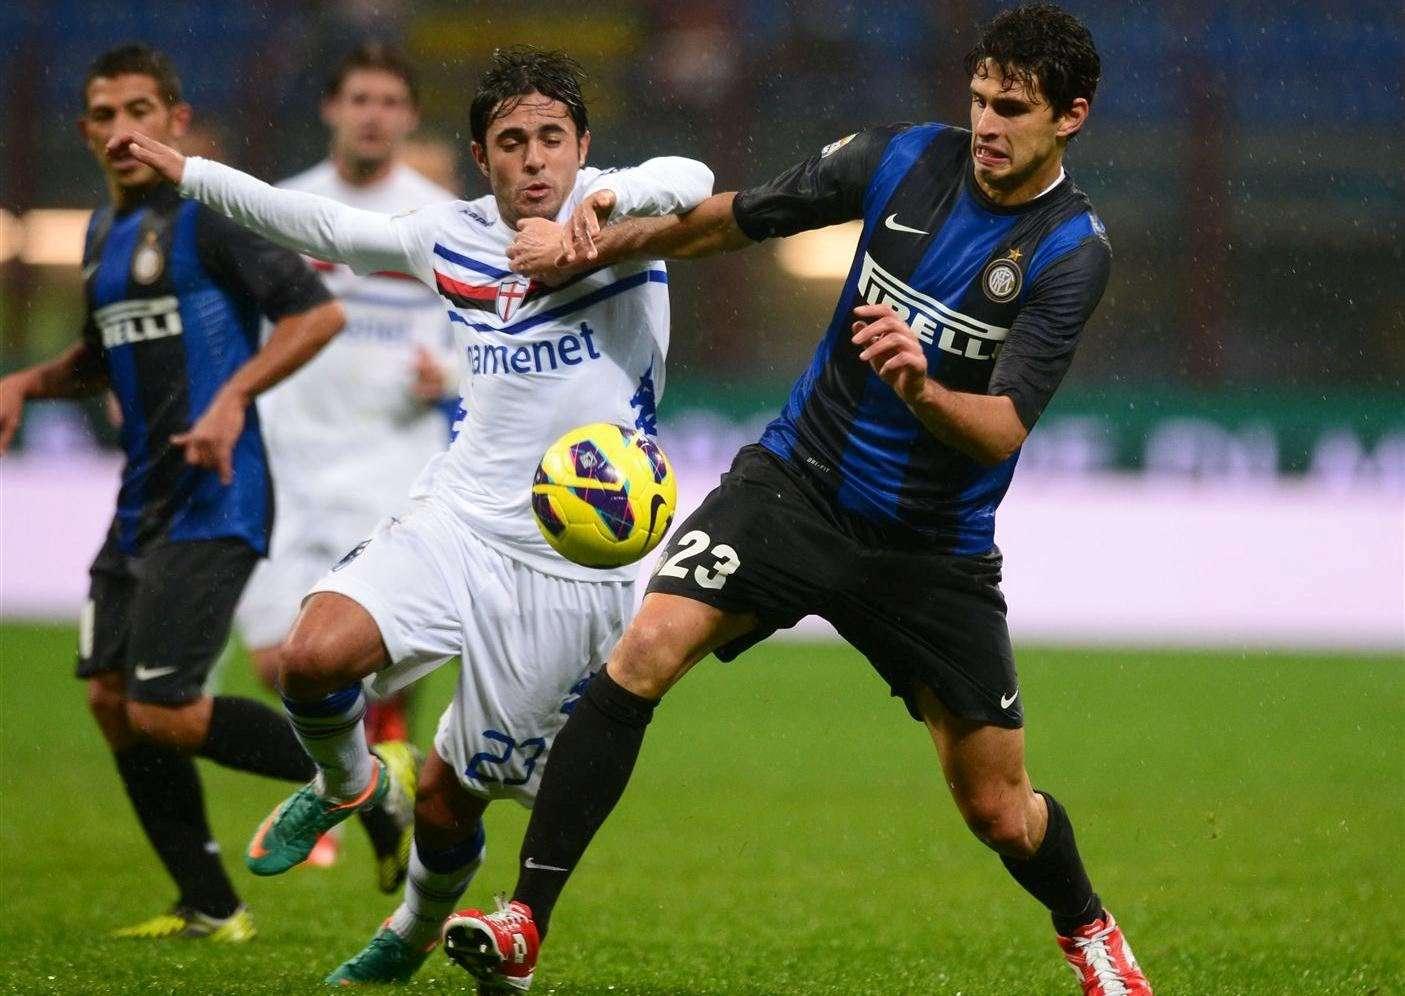 Inter Milan vs Sampdoria đêm nay 25/10/2017 VĐQG Italia Ý - Serie A